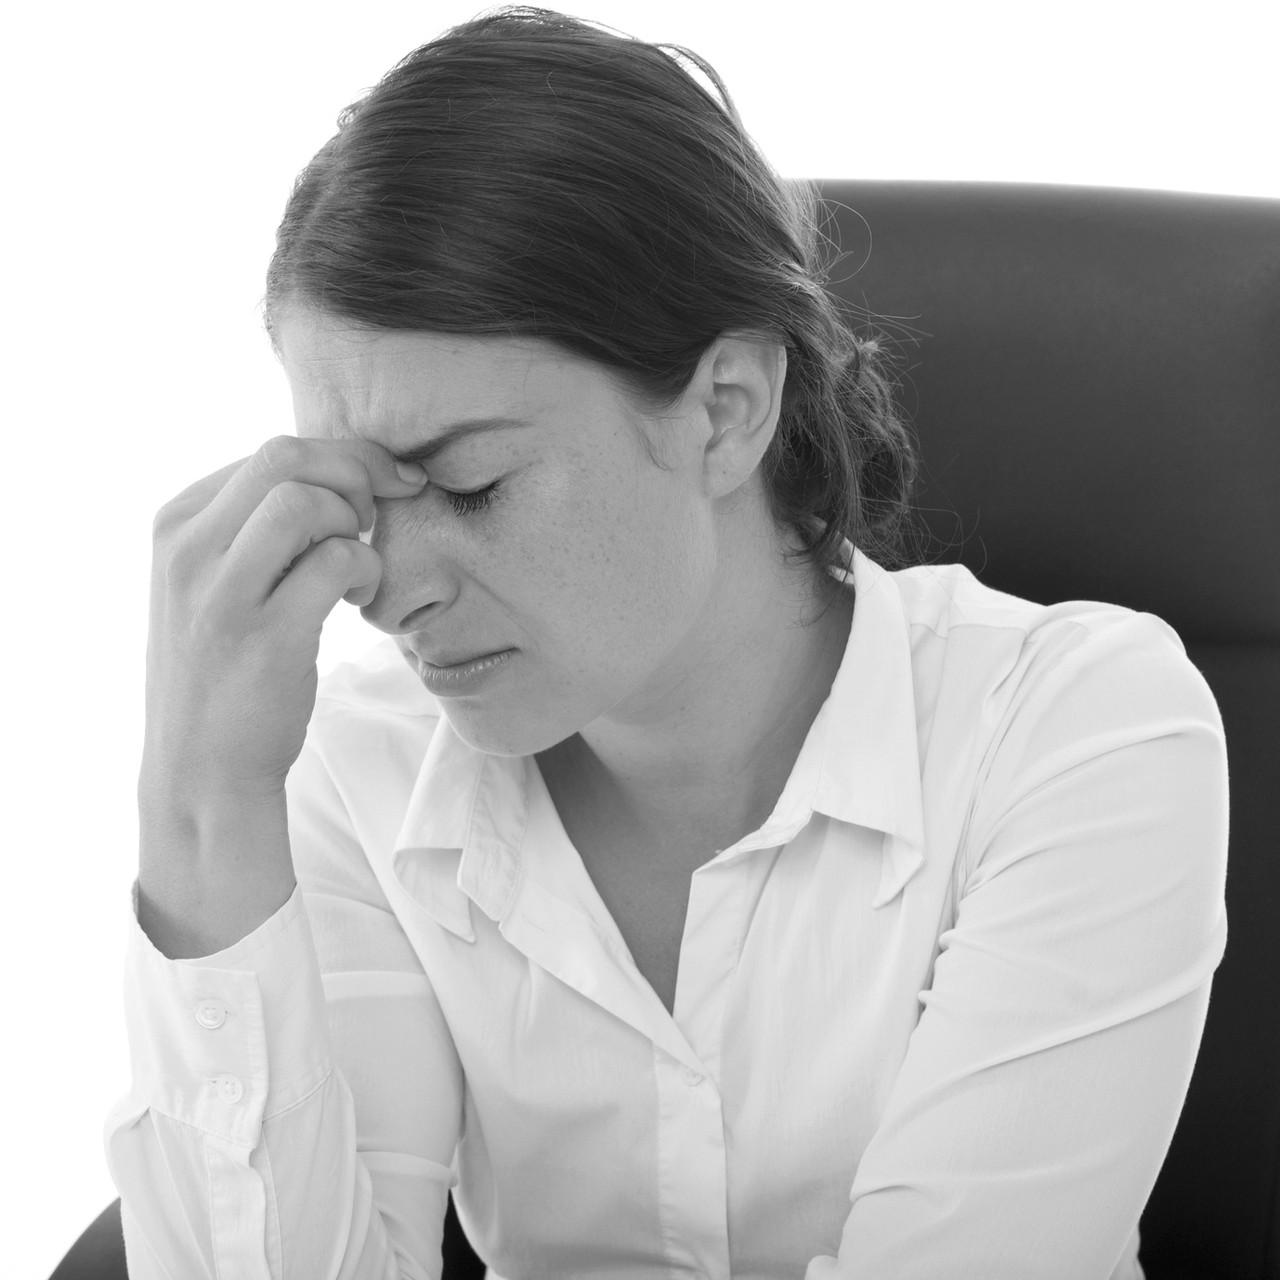 pour alléger le mal-être, la dépression, le stress, la souffrance, les toubles du sommeil